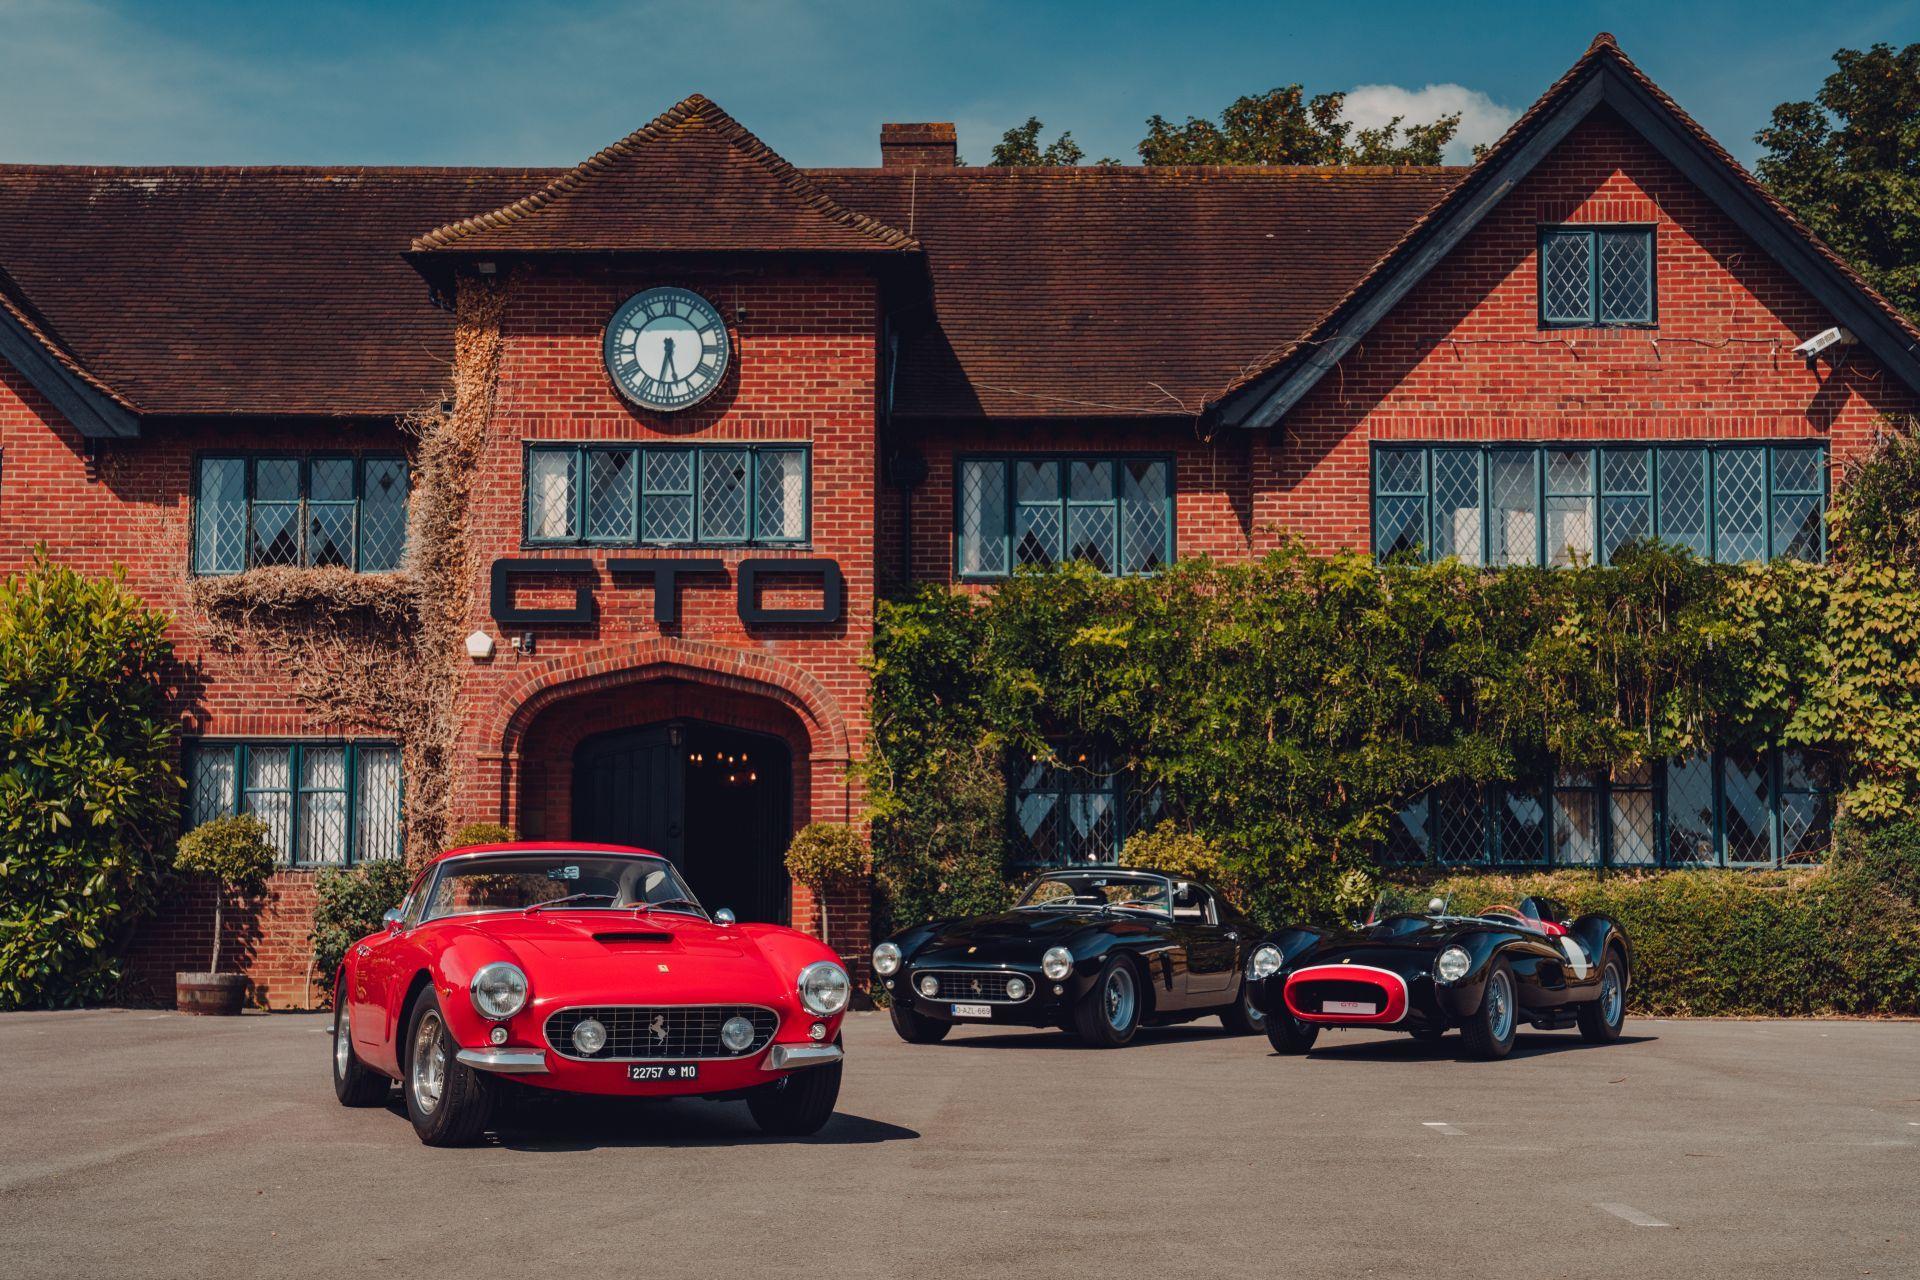 Ferrari-250-GT-SWB-Berlinetta-Competizione-Revival-by-GTO-Engineering-41